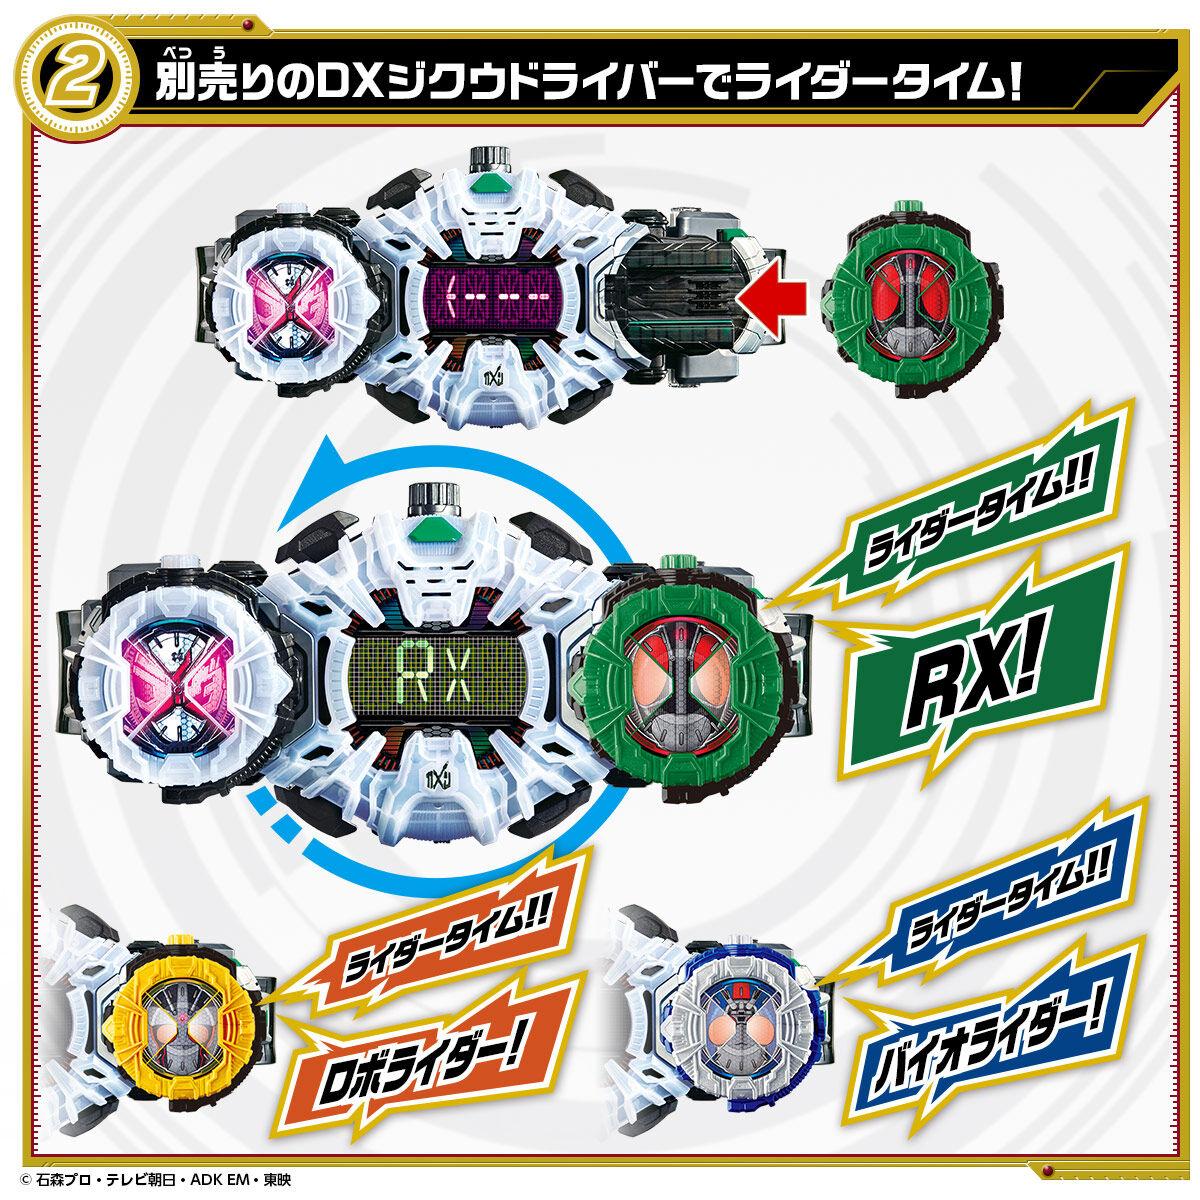 【限定販売】仮面ライダージオウ『DXライドウォッチ クォーツァーセット01』変身なりきり-004